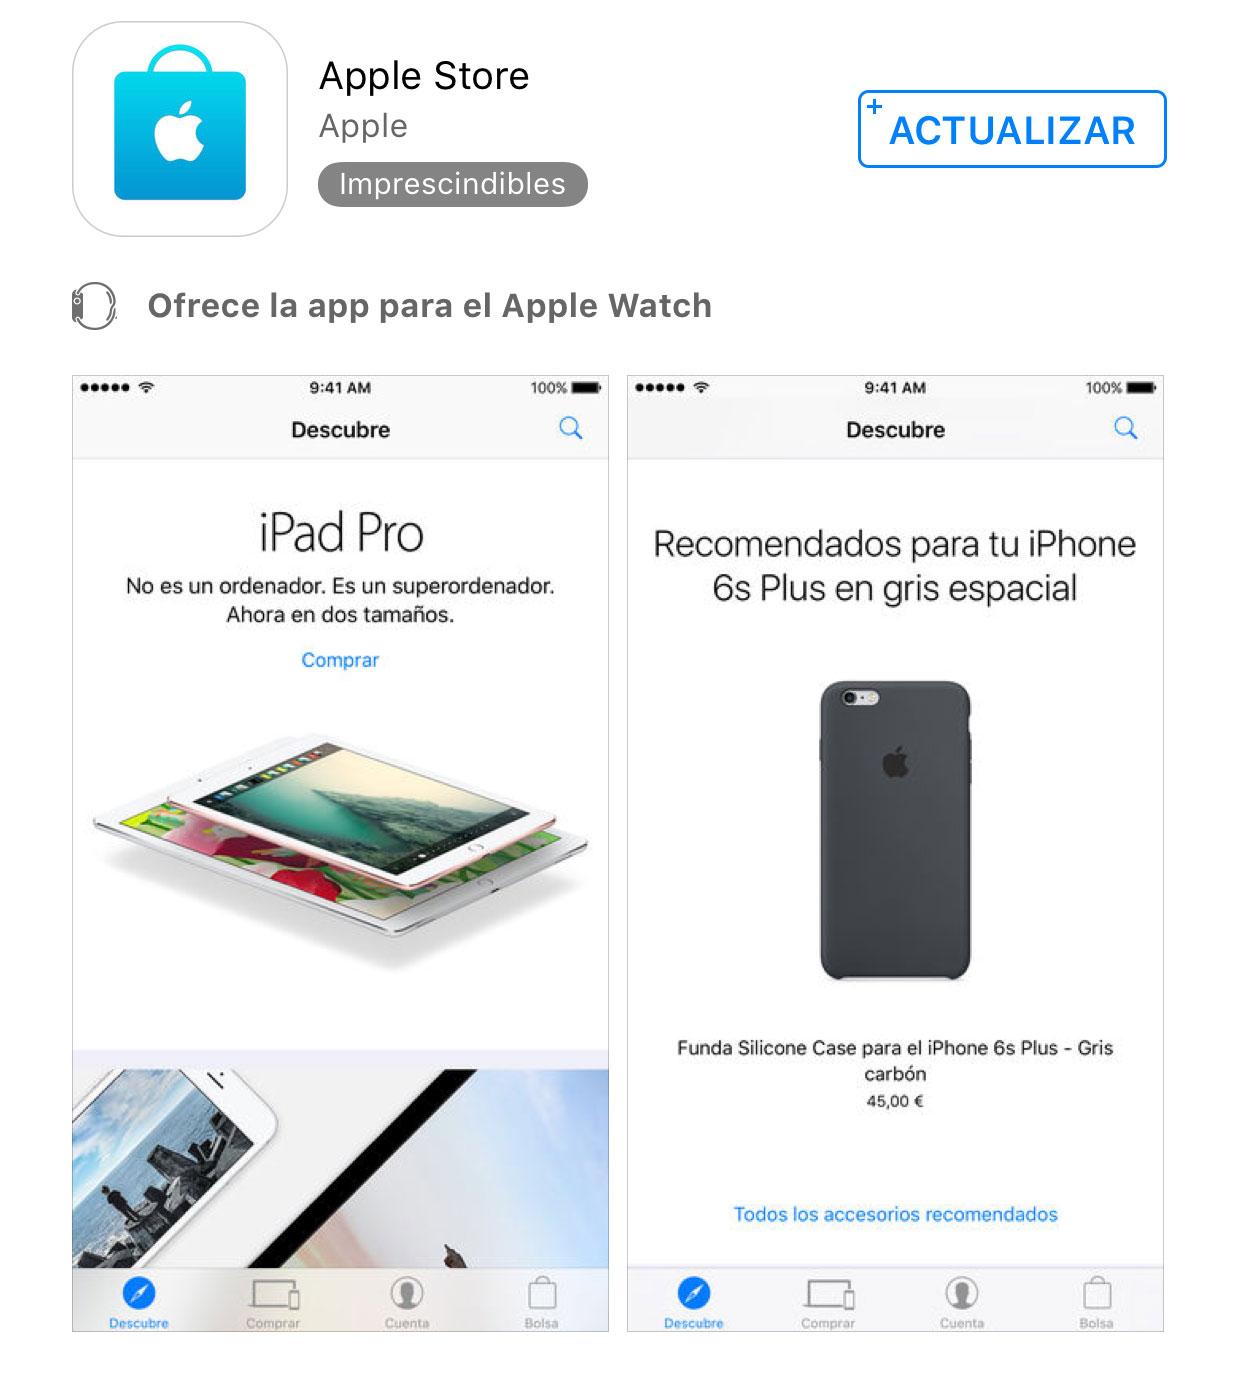 Actualización de la App de la Apple Store